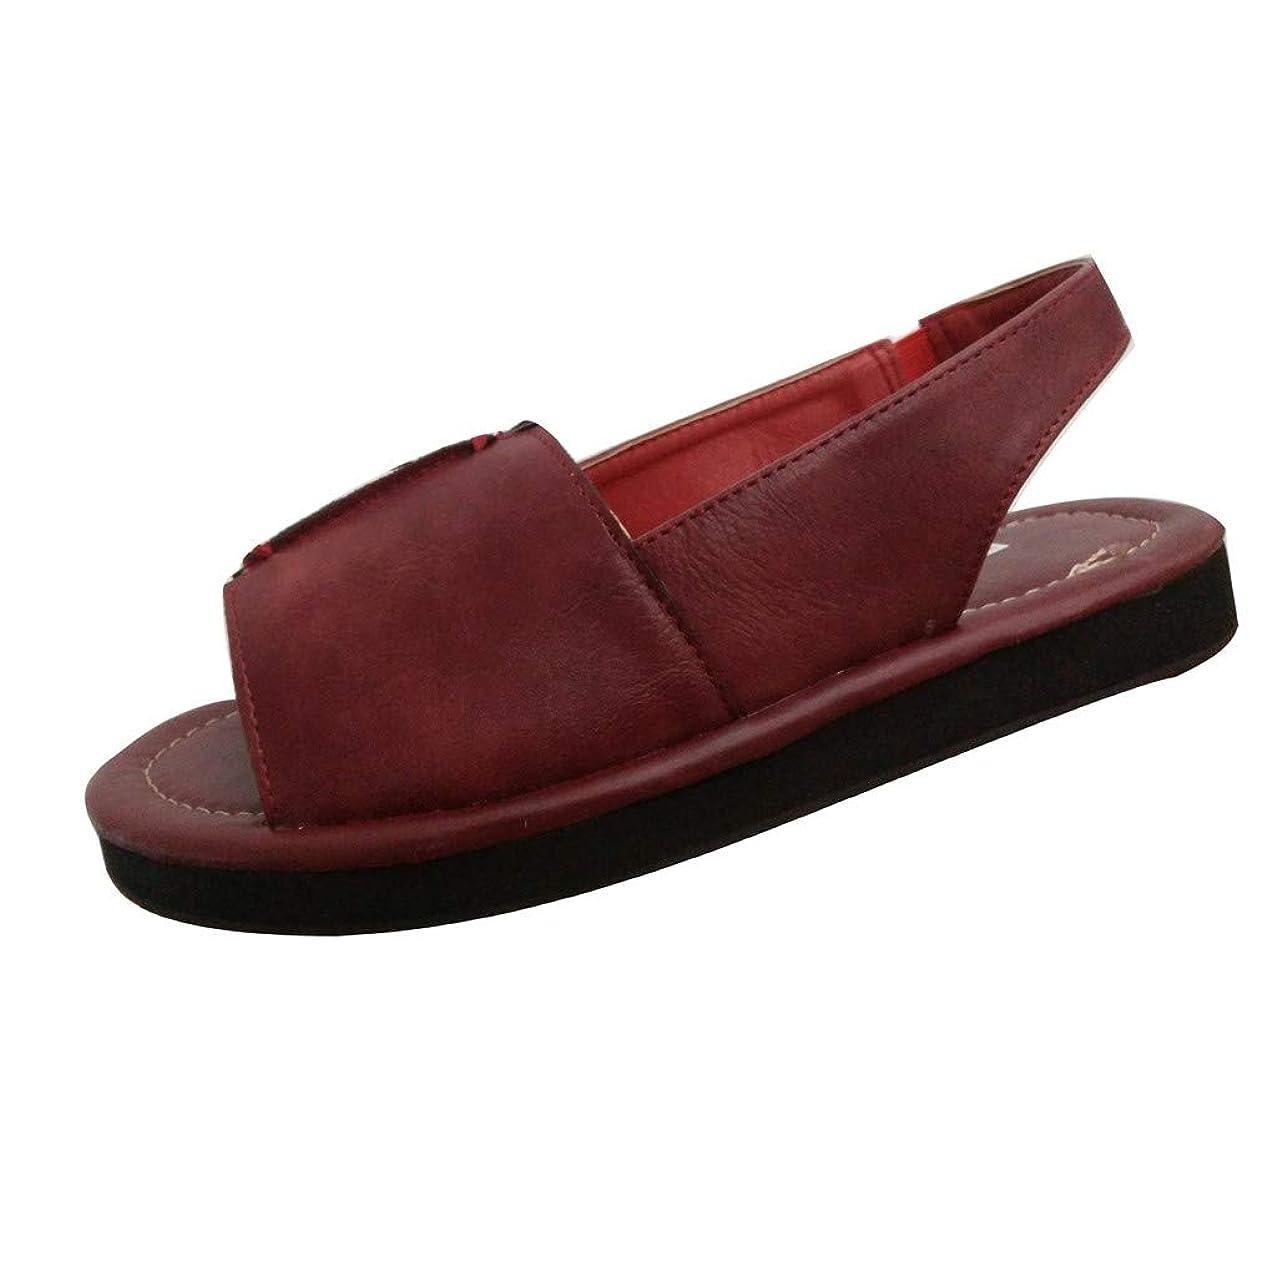 Summer Flat Sandals for Women Comfortable Casual Beach Shoes Platform Hawaii Flip Flops Handmade Sandals